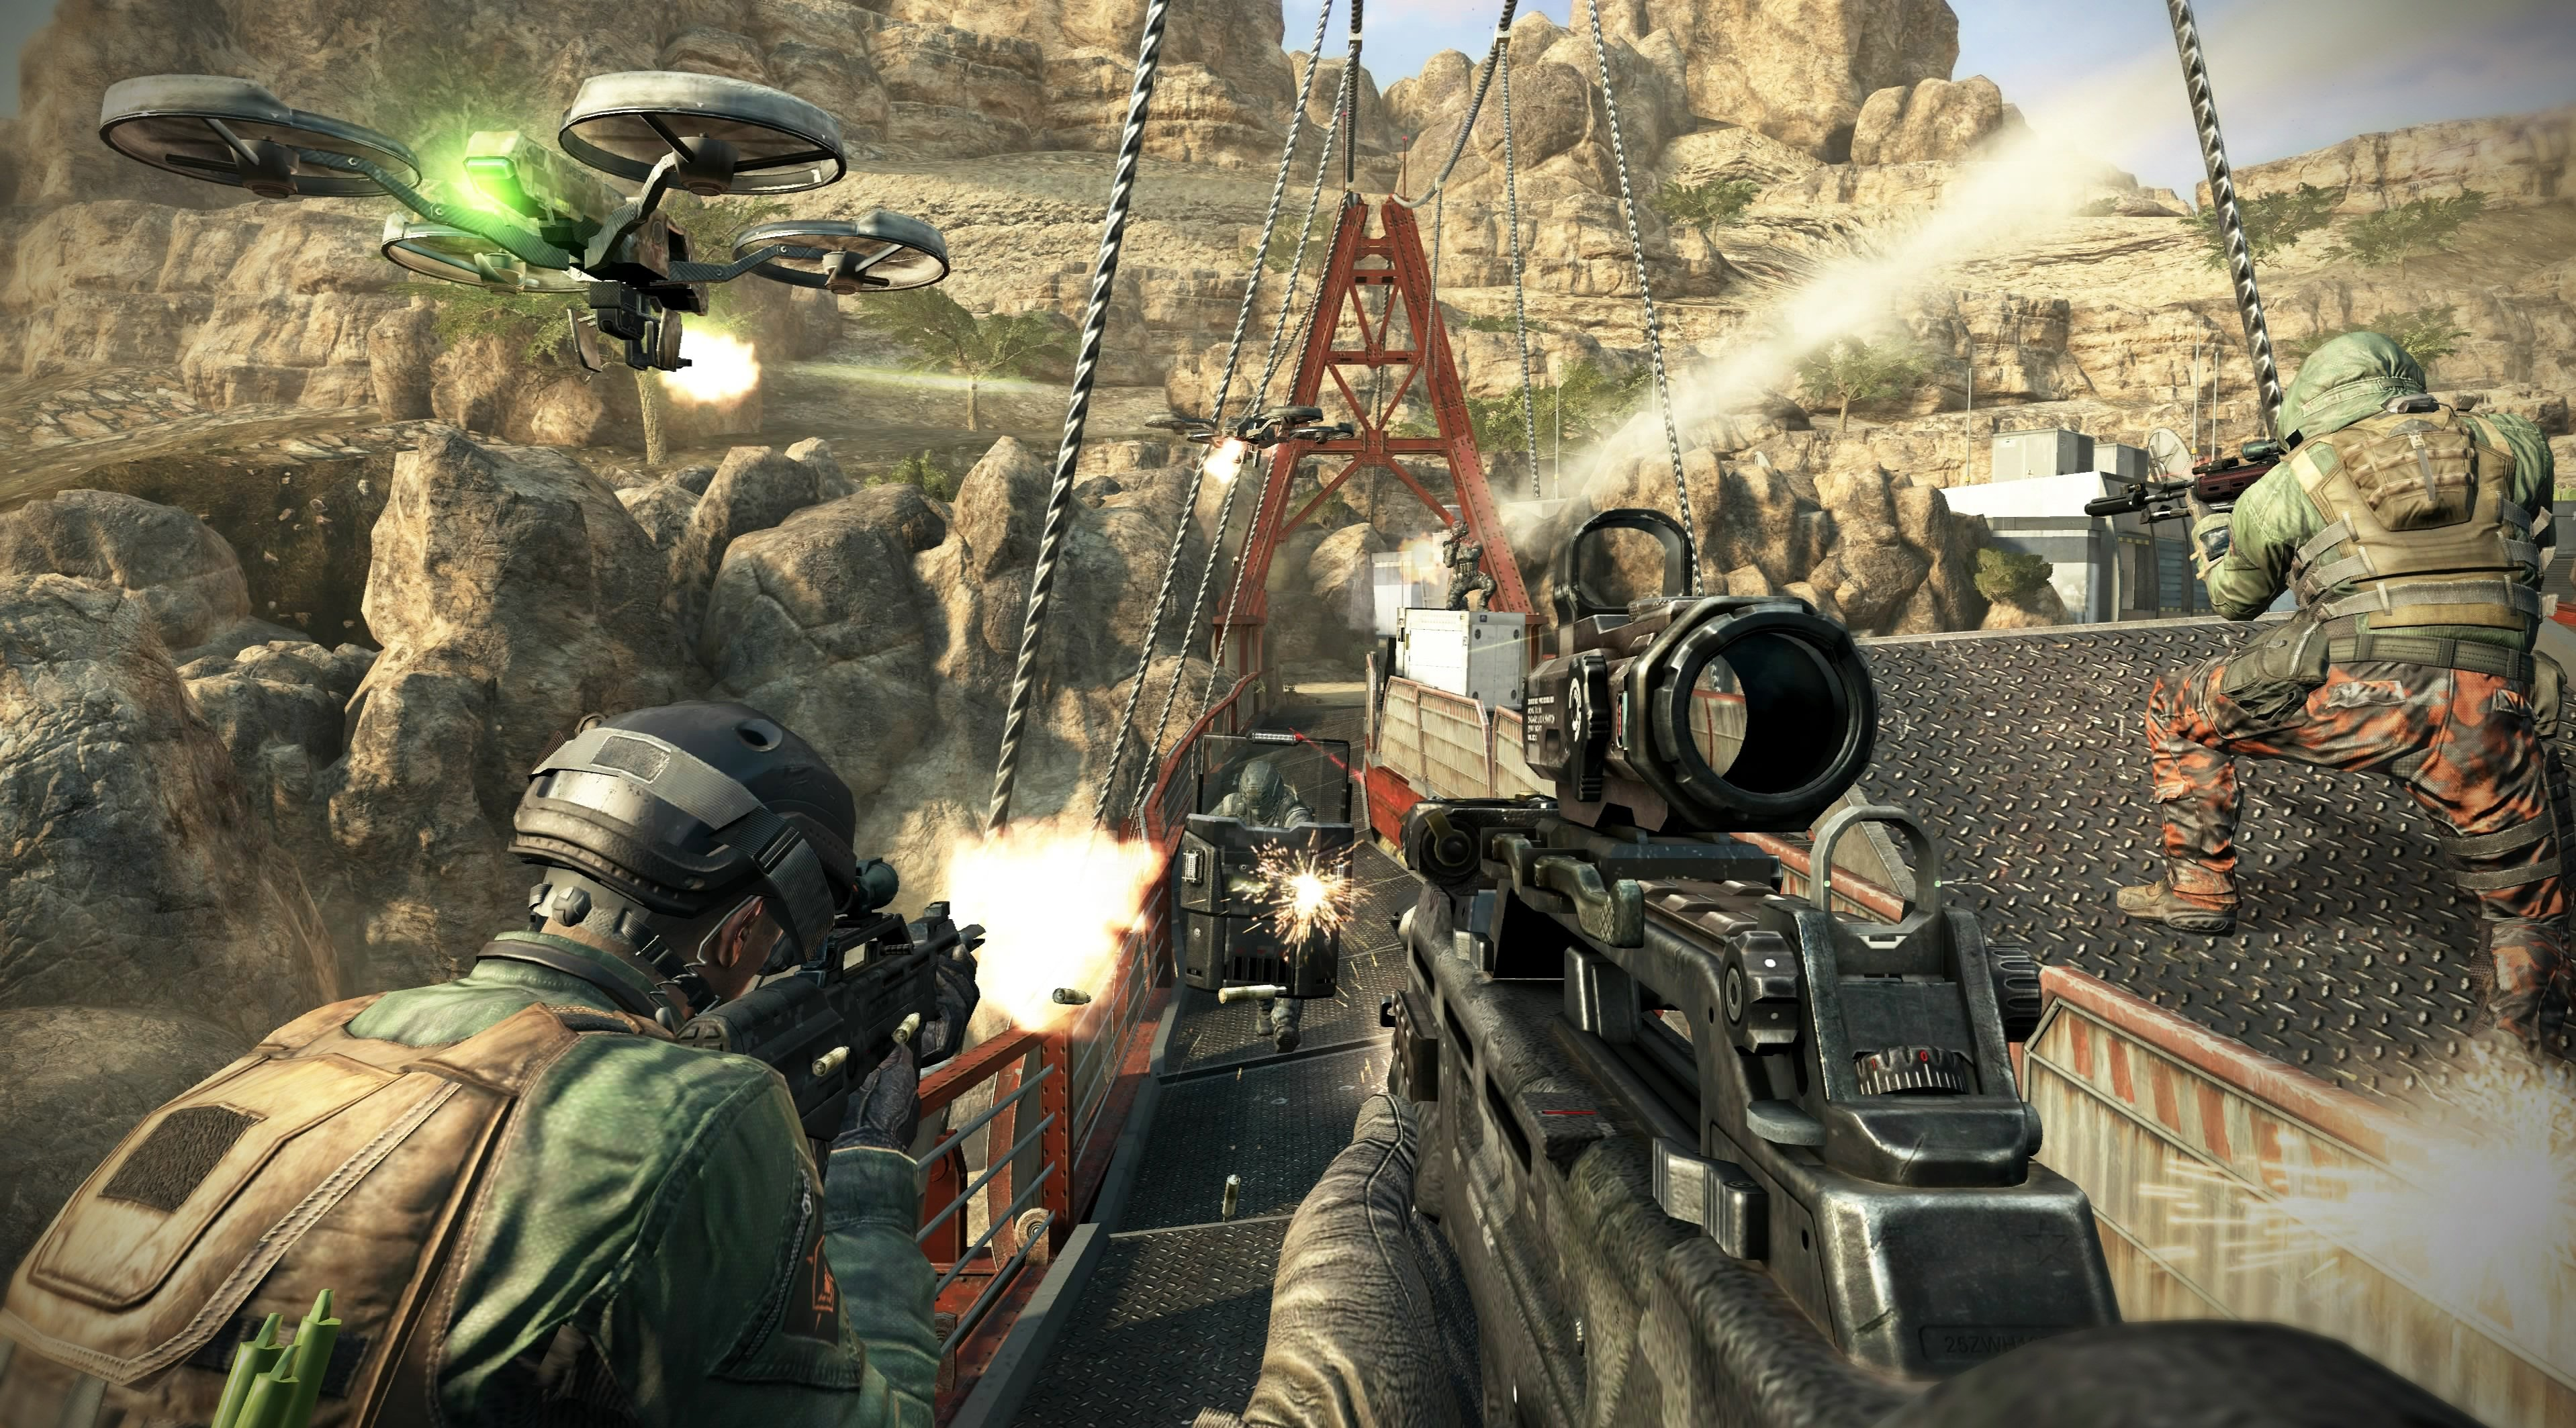 Все знают дойную машину Activision эта серия игр Call of Duty на этот раз Call of Duty Black Ops 2. Действие происхо ... - Изображение 1